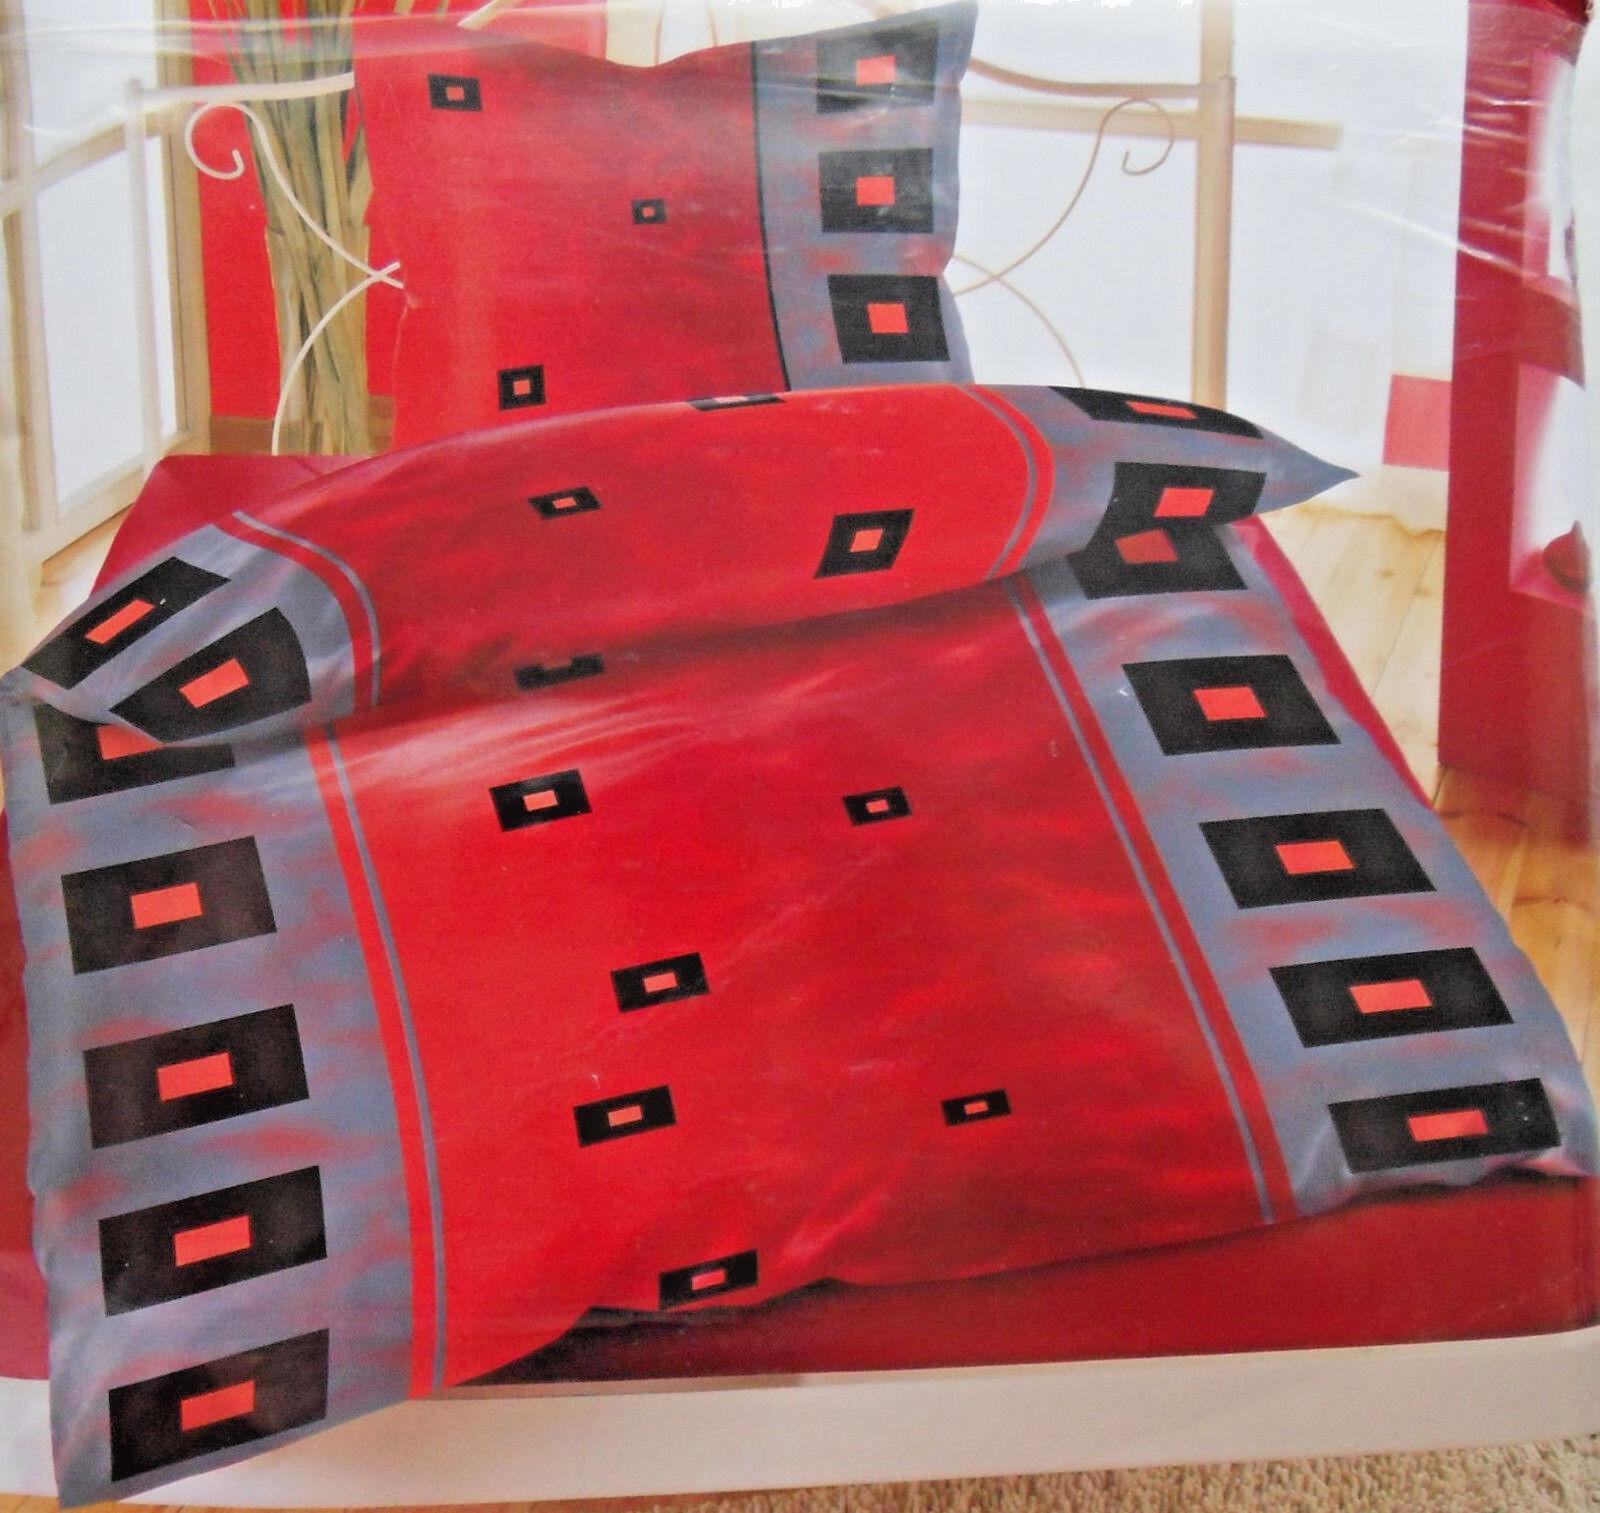 2 tlg. Bettwäsche mit RV  KARO WISCH  Rot Schwarz, warmes weiches Thermo Fleece  | Bekannt für seine schöne Qualität